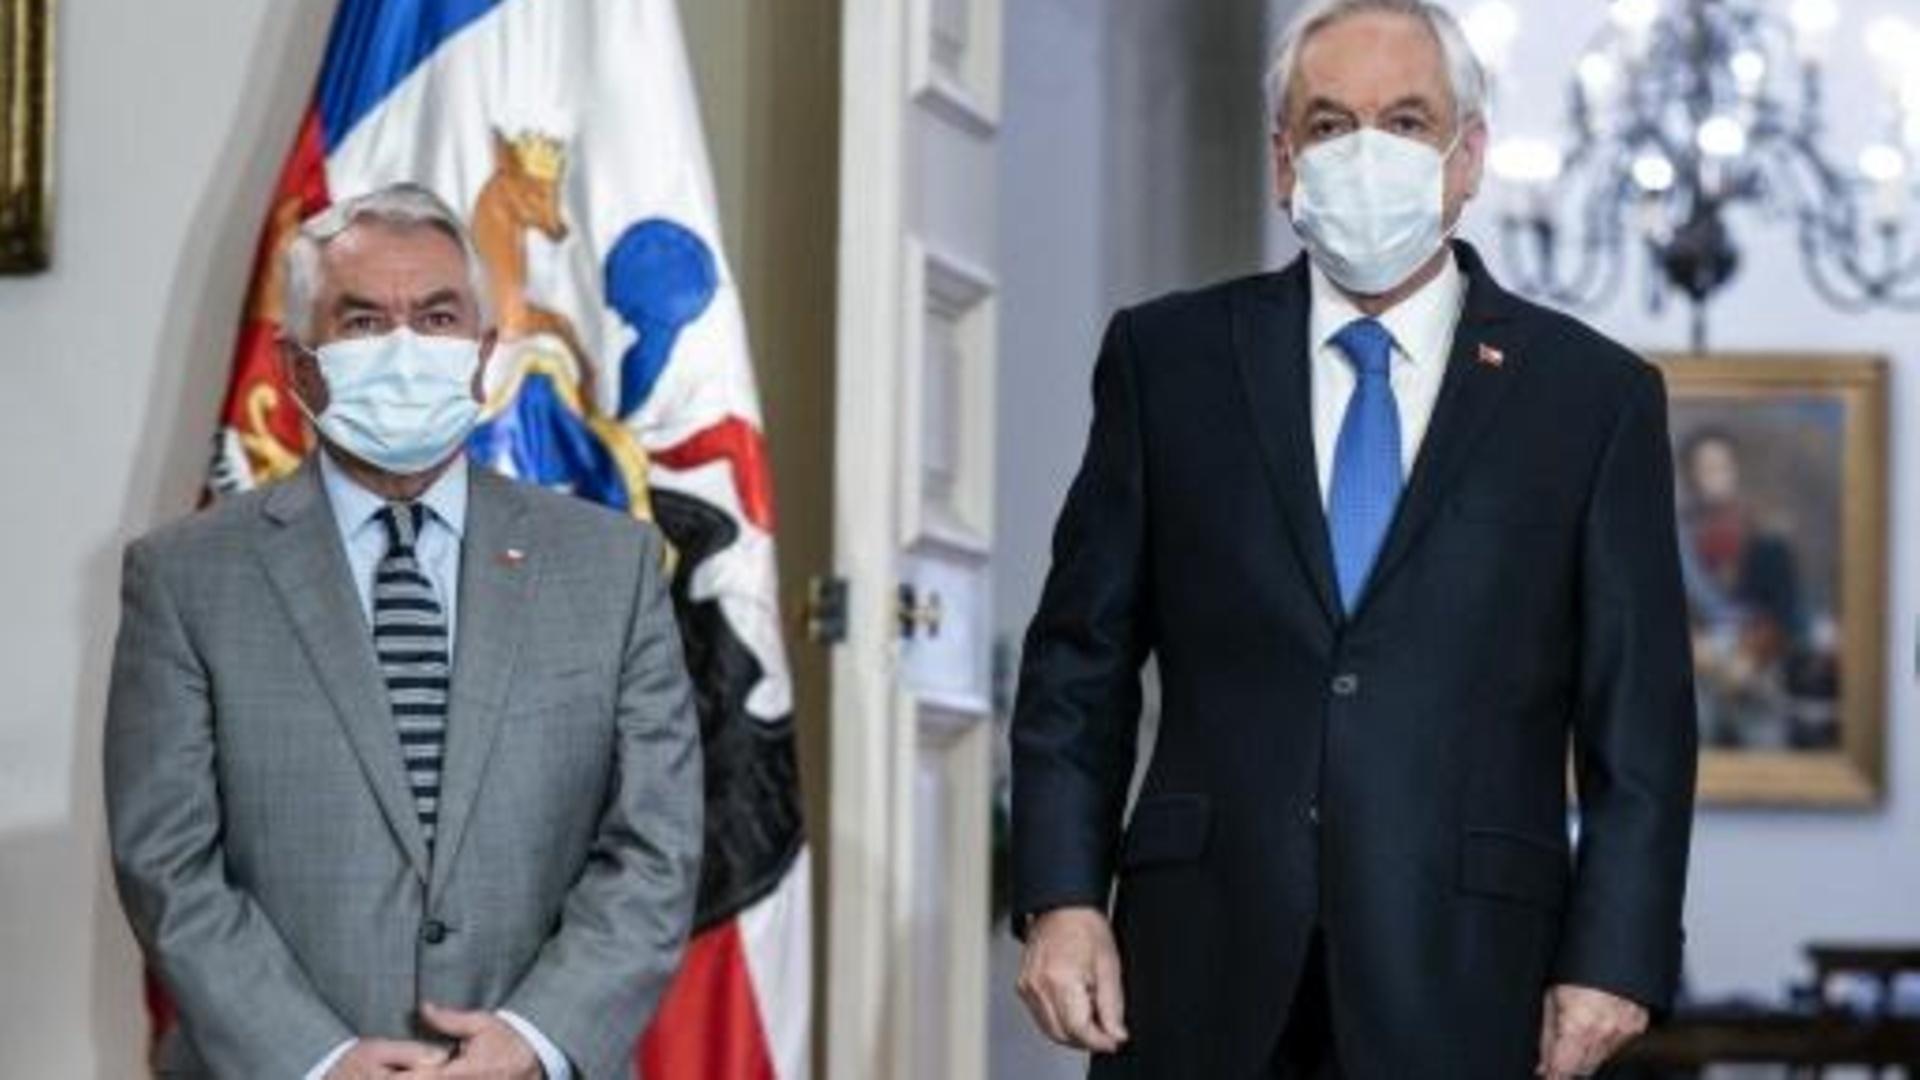 Al fin un respiro: se reporta la menor cantidad de infectados en 43 días